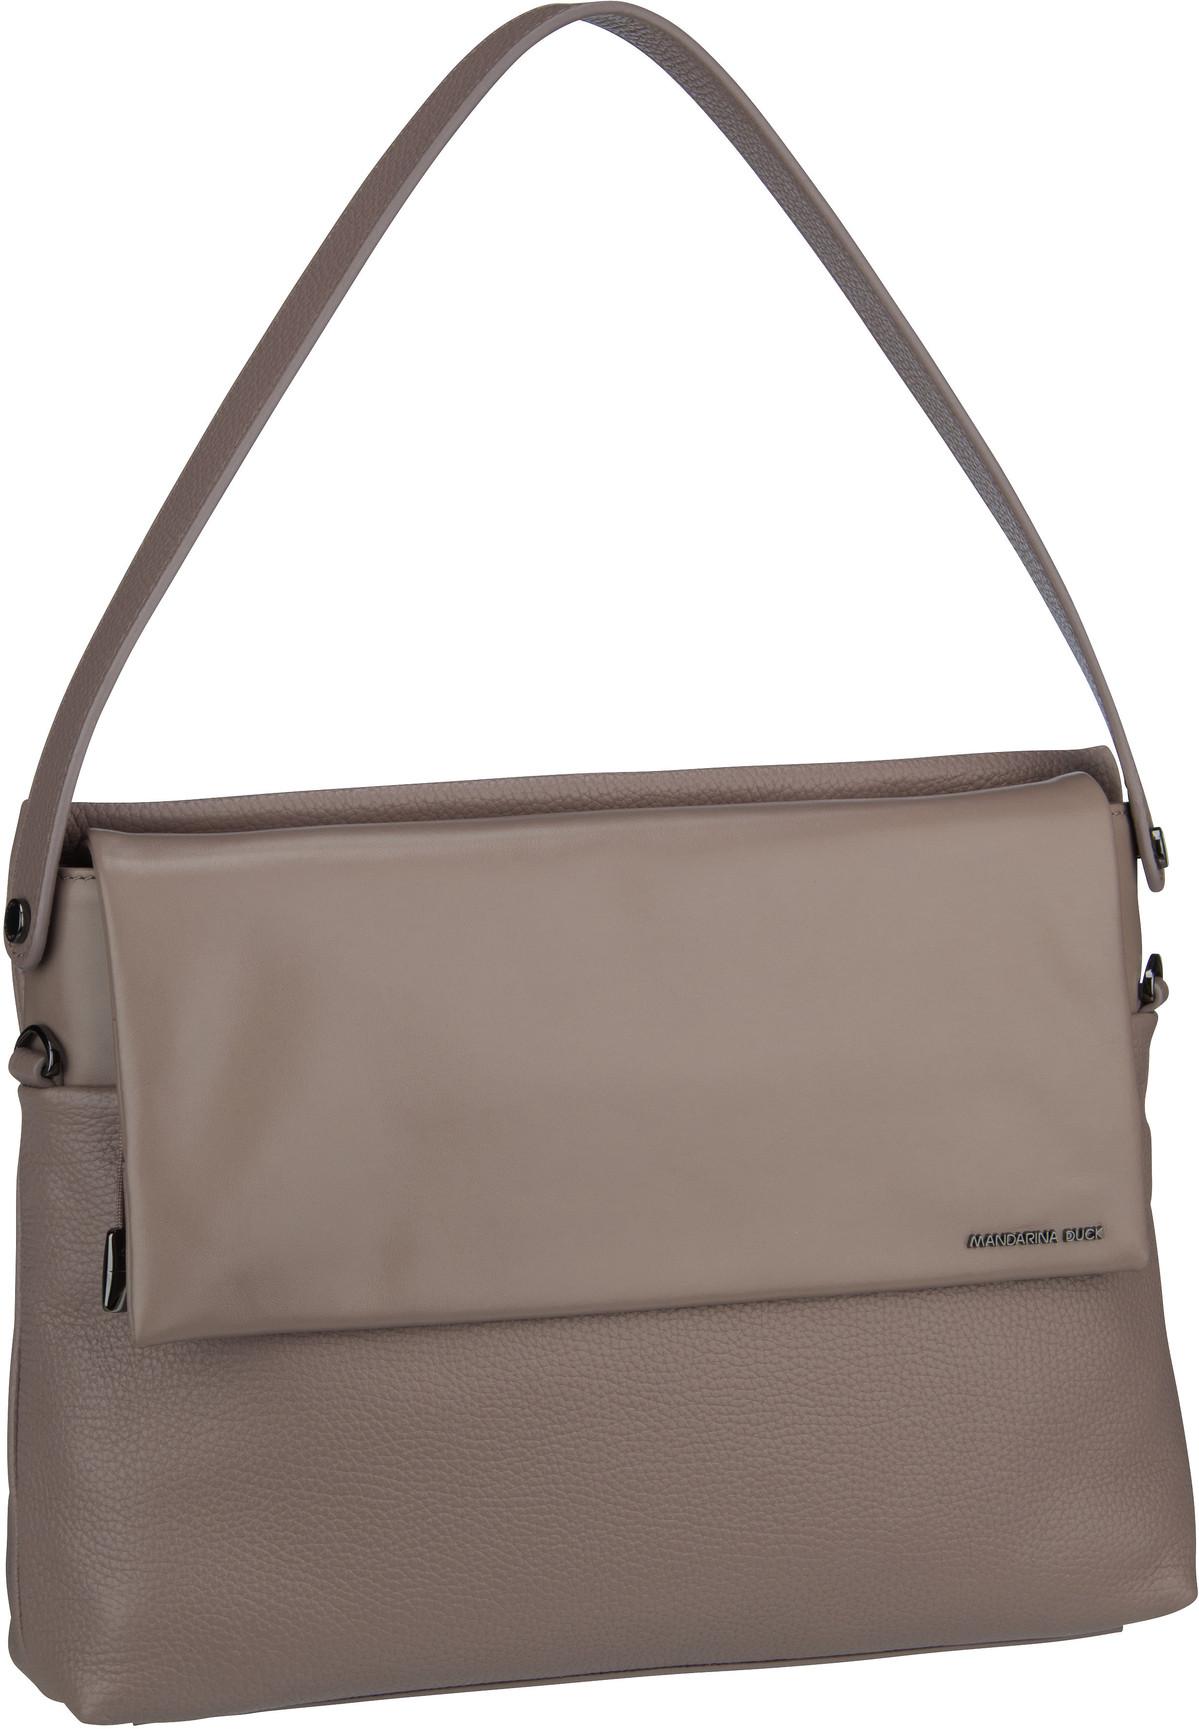 Handtasche Athena Shoulder Bag UPT13 Stucco